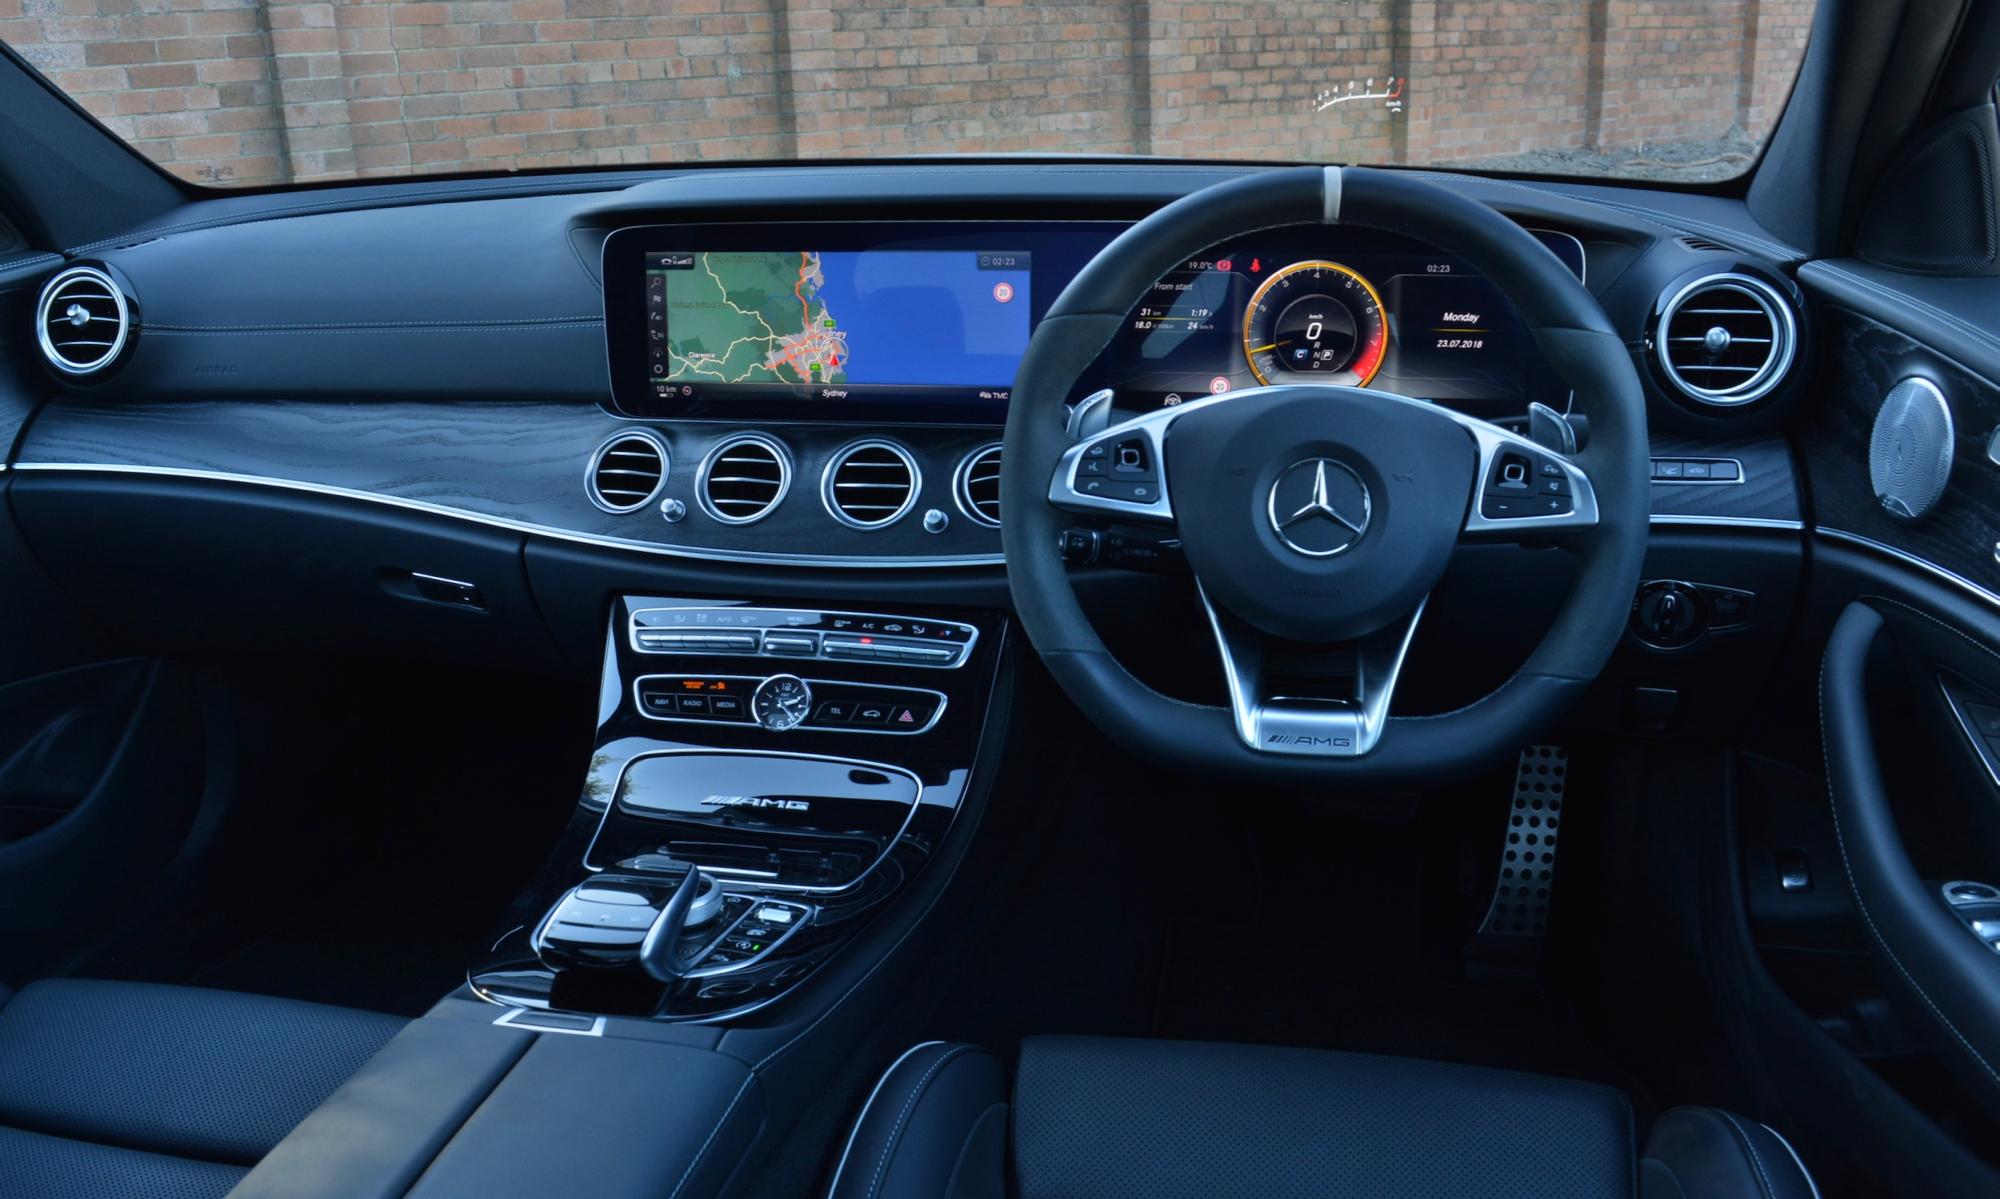 Mercedes-AMG E63 S 2018